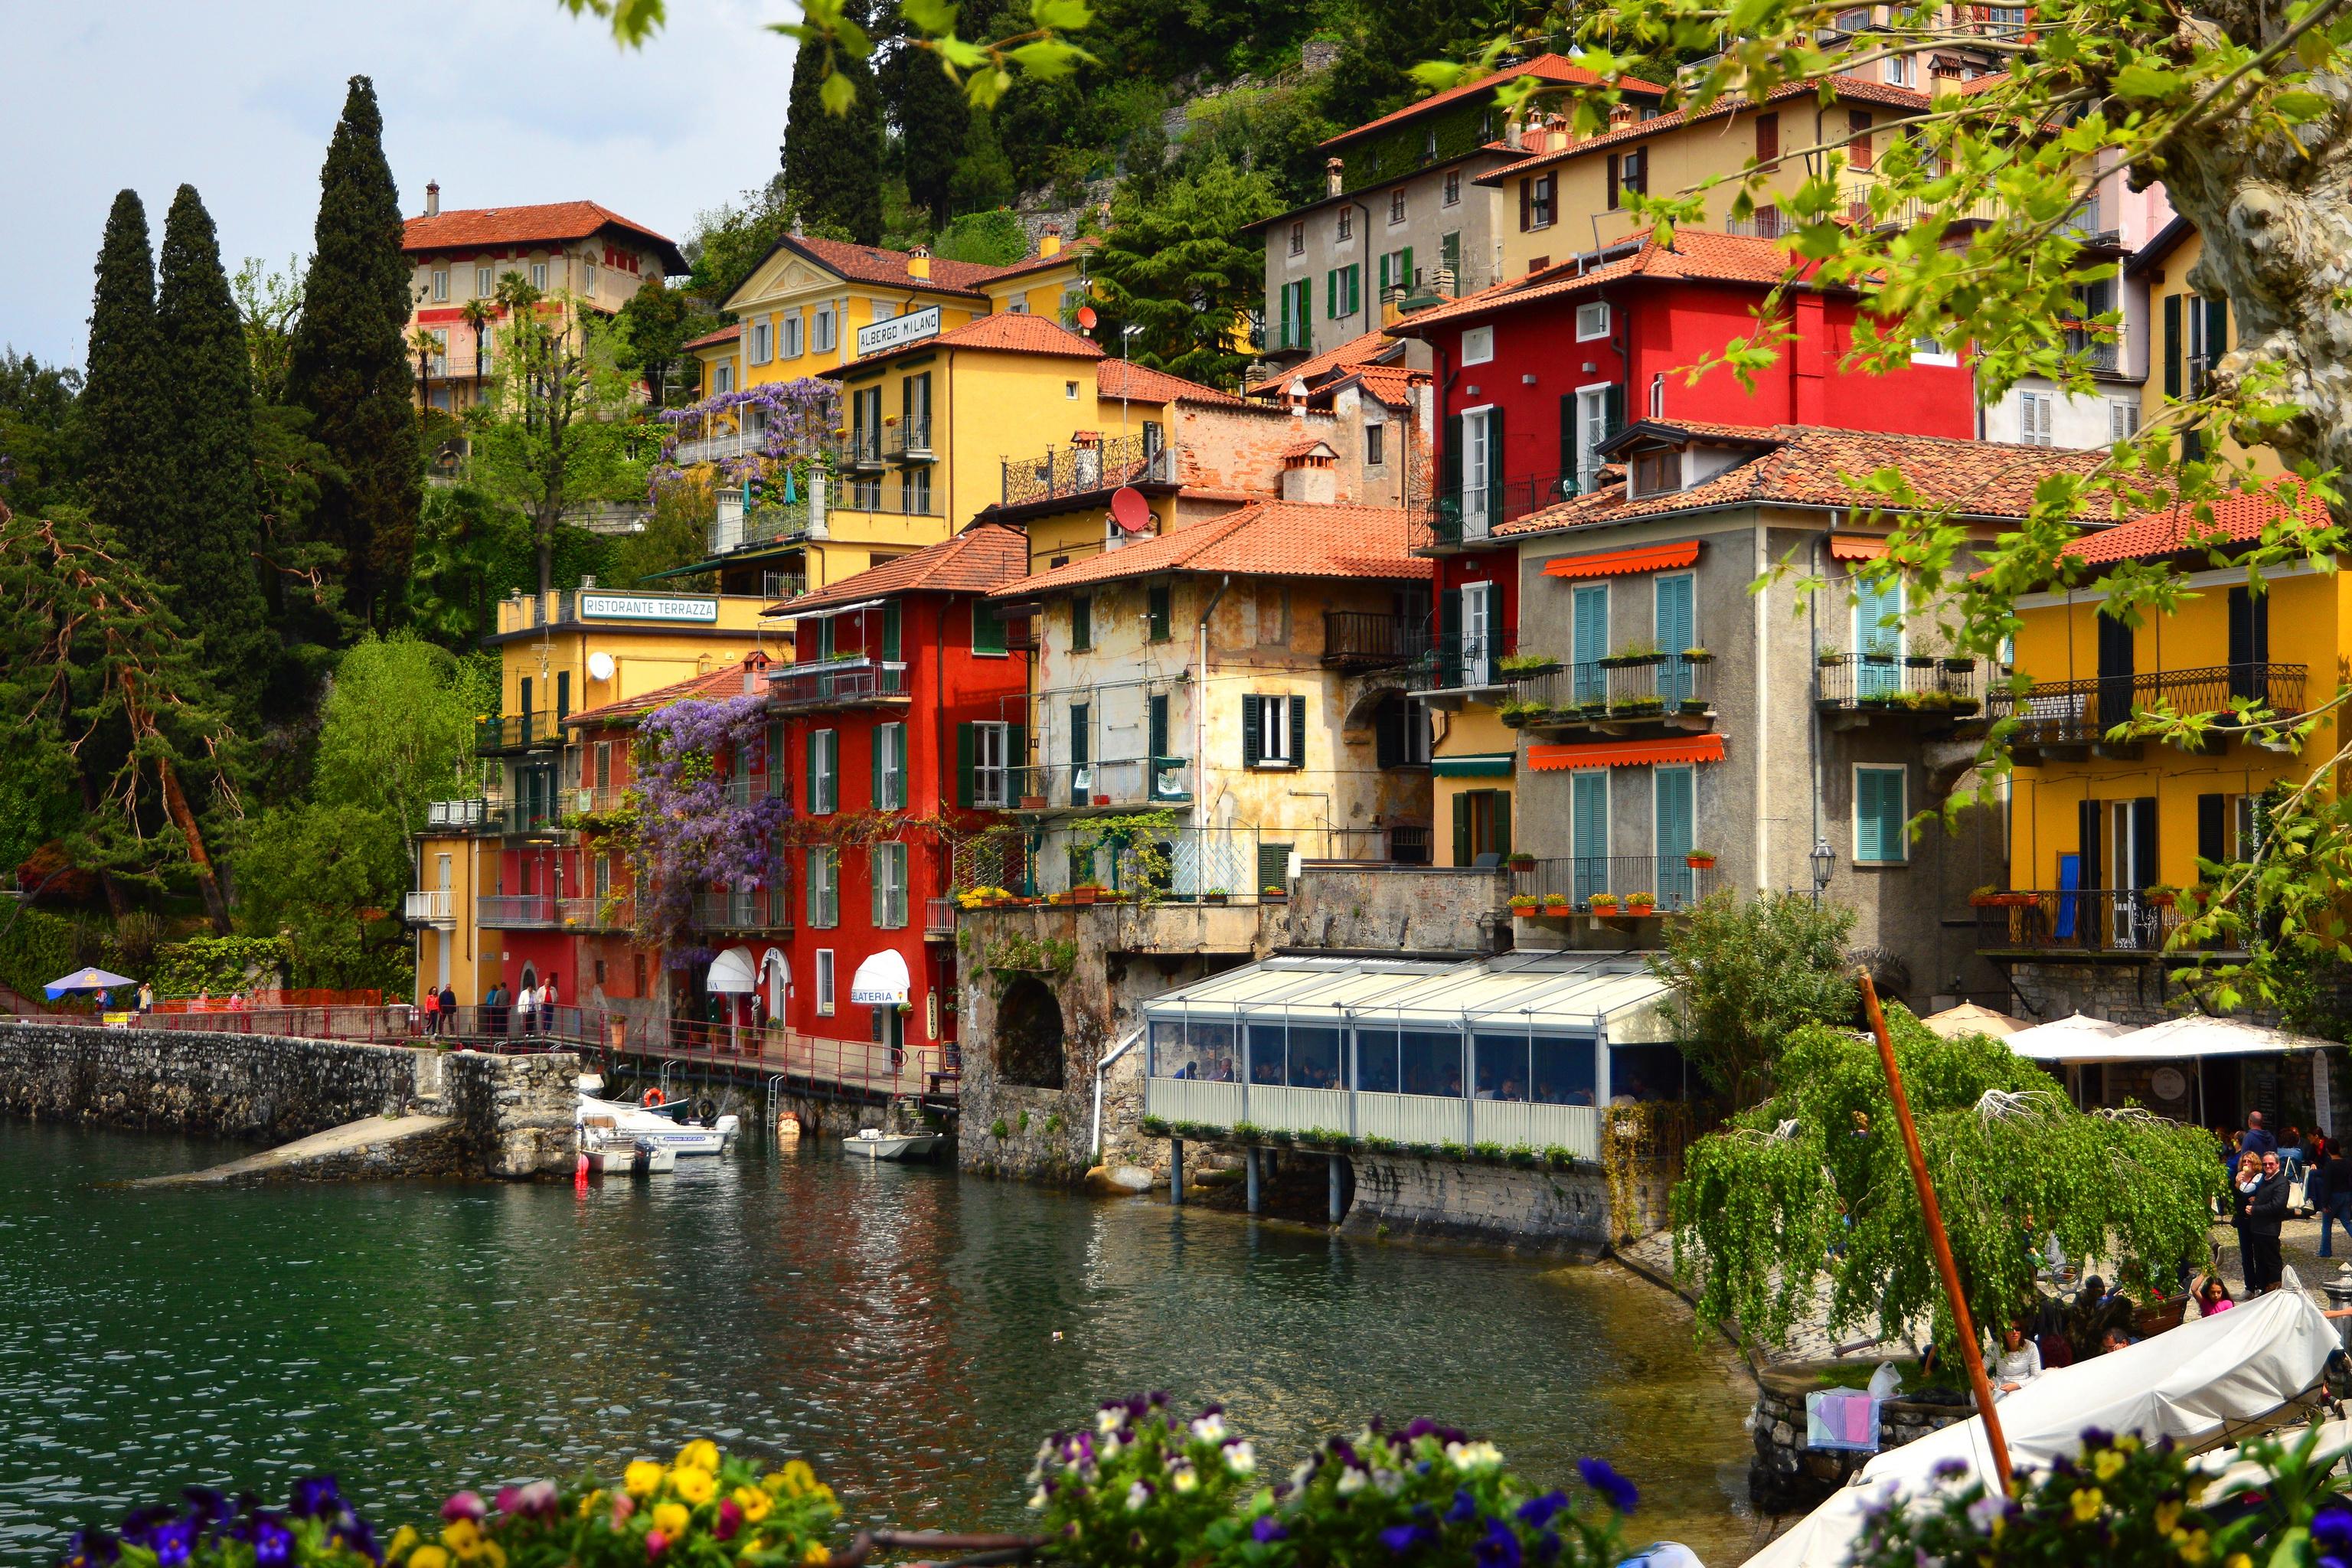 Louer une maison en Lombardie par les commentaires de la mer